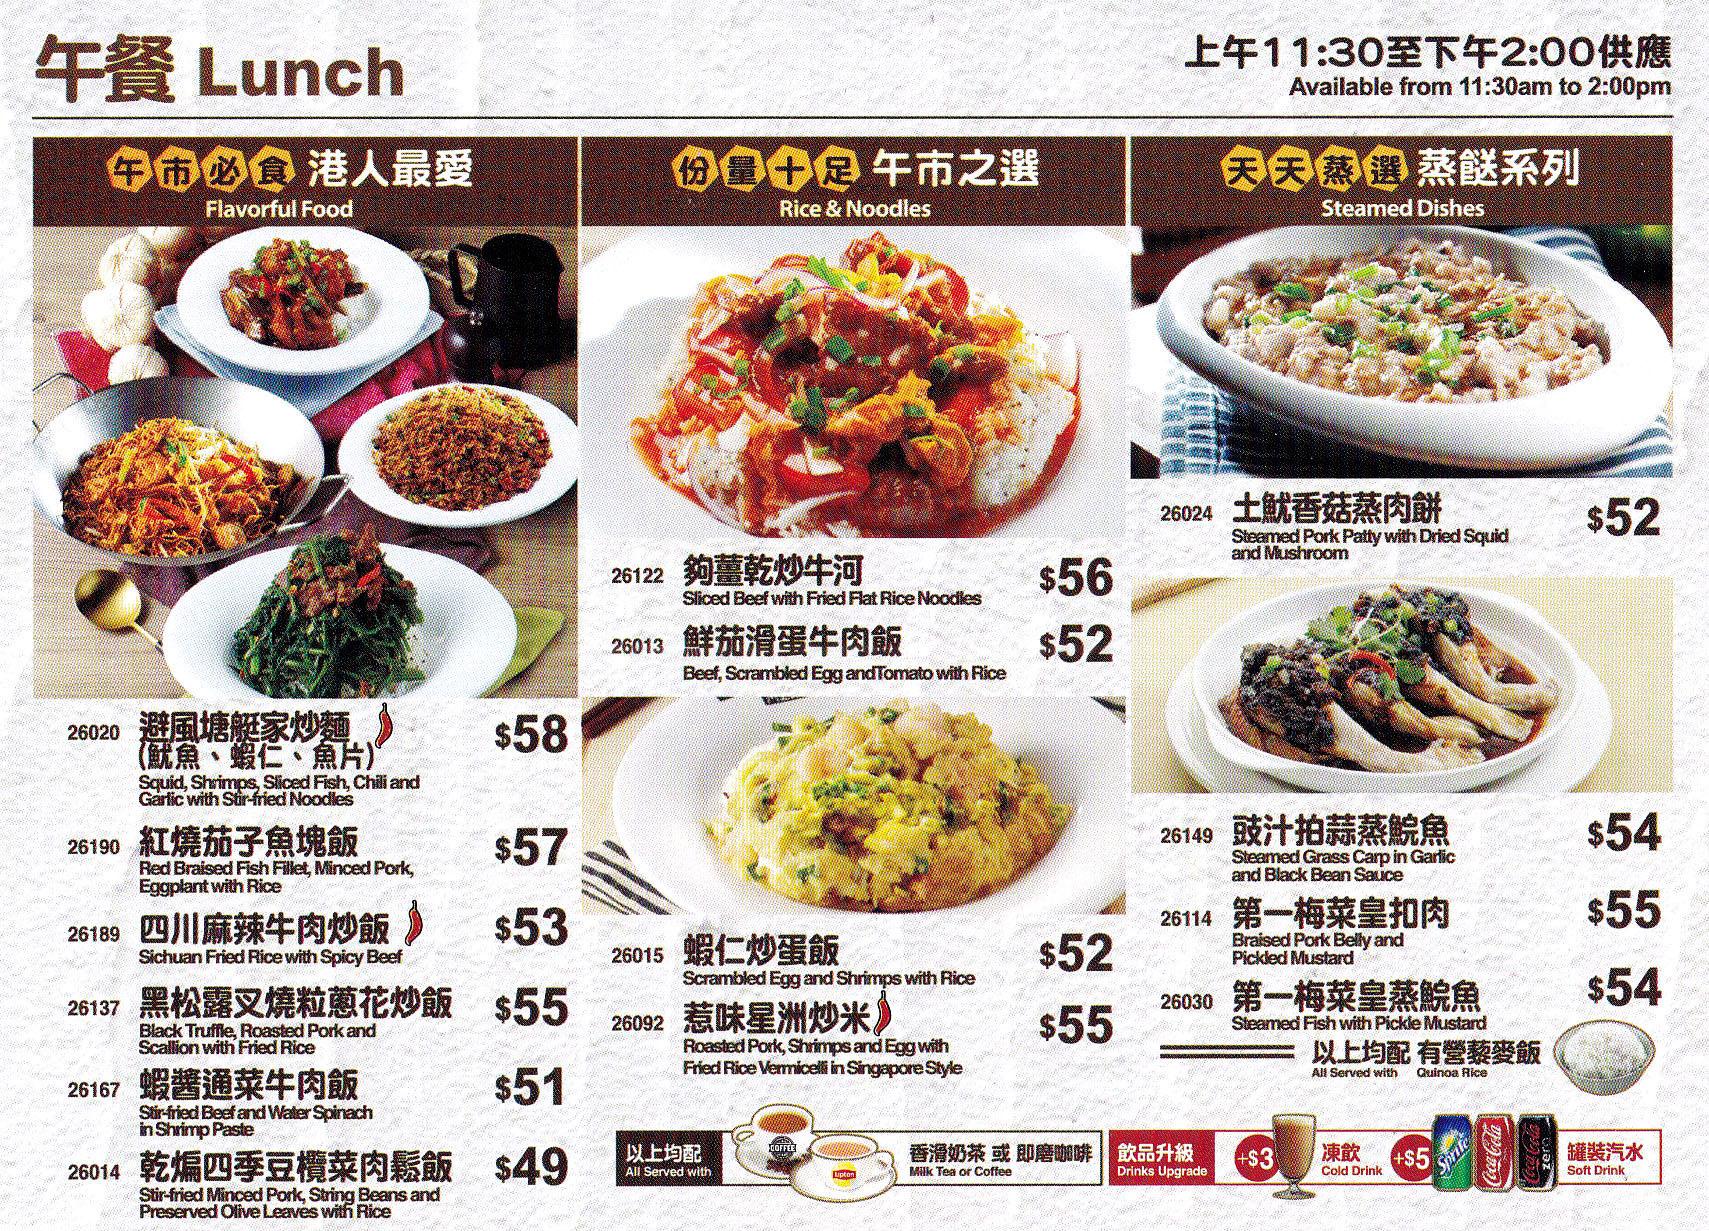 香港九龍特惠價格樂富廣場瑞士咖啡室茶餐廳快餐店特惠價格早午晚市叫外賣美食電話小食邊間優惠好介紹